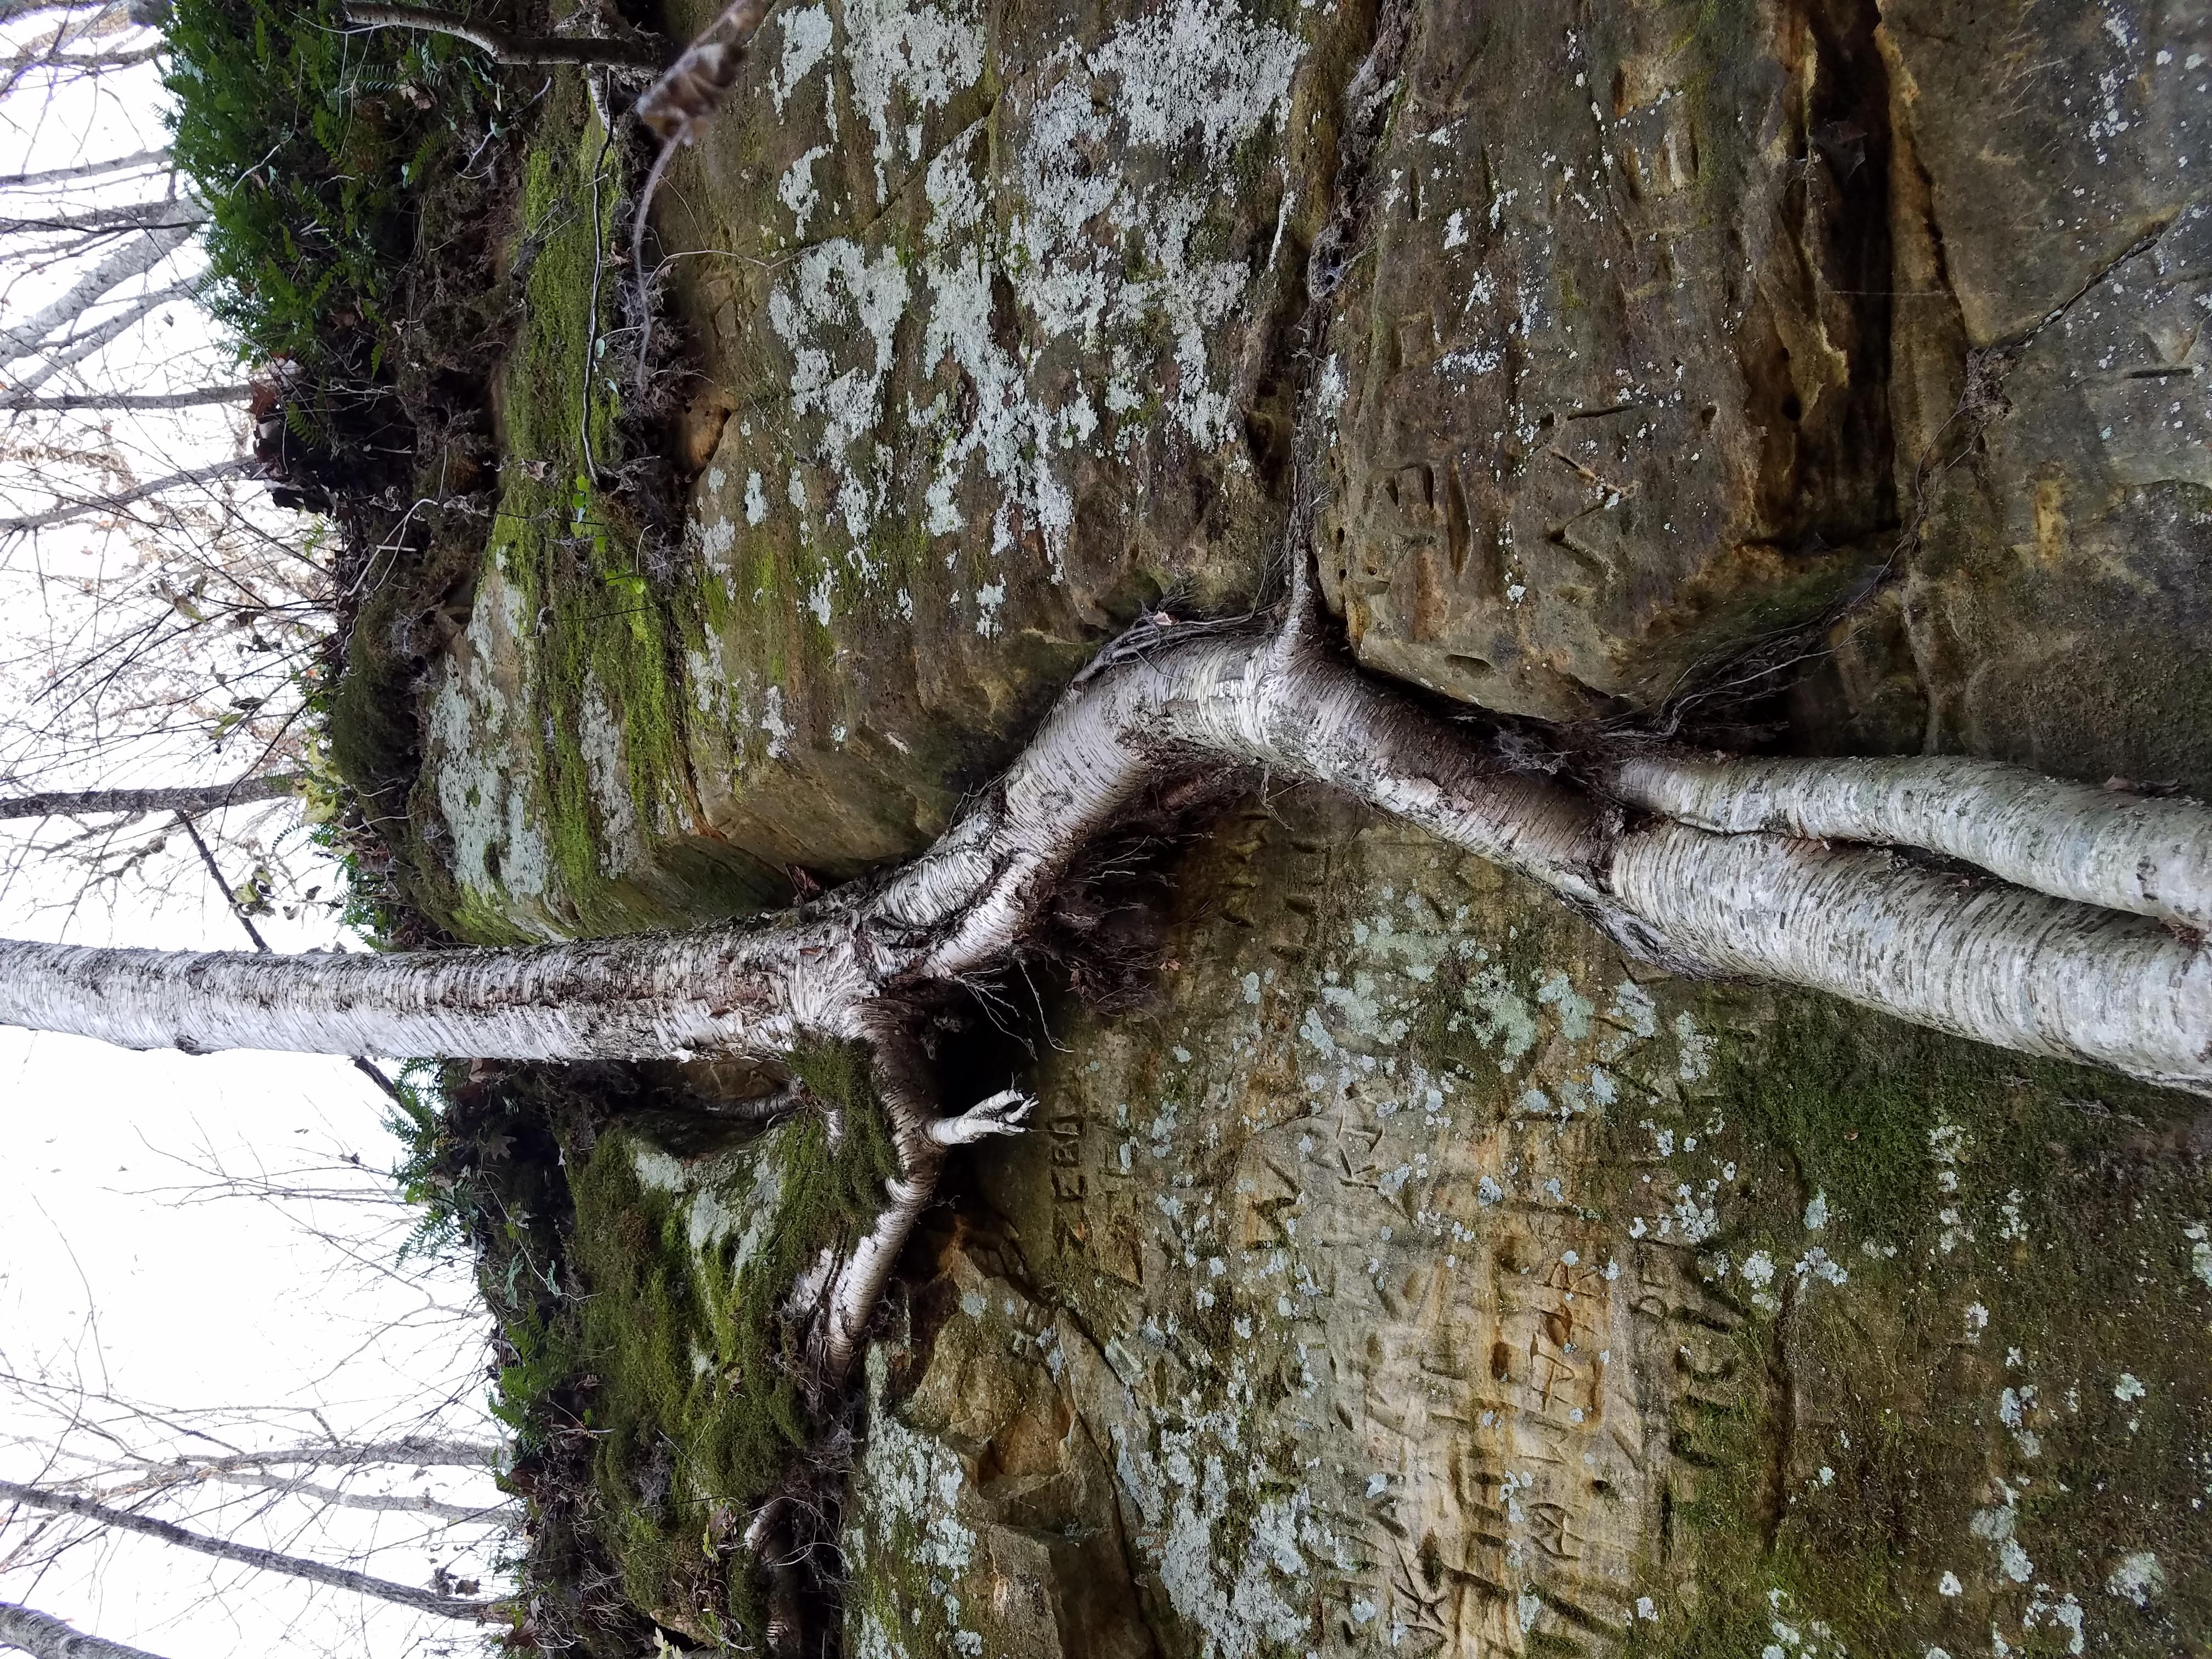 tree-root-in-stone-239.jpg